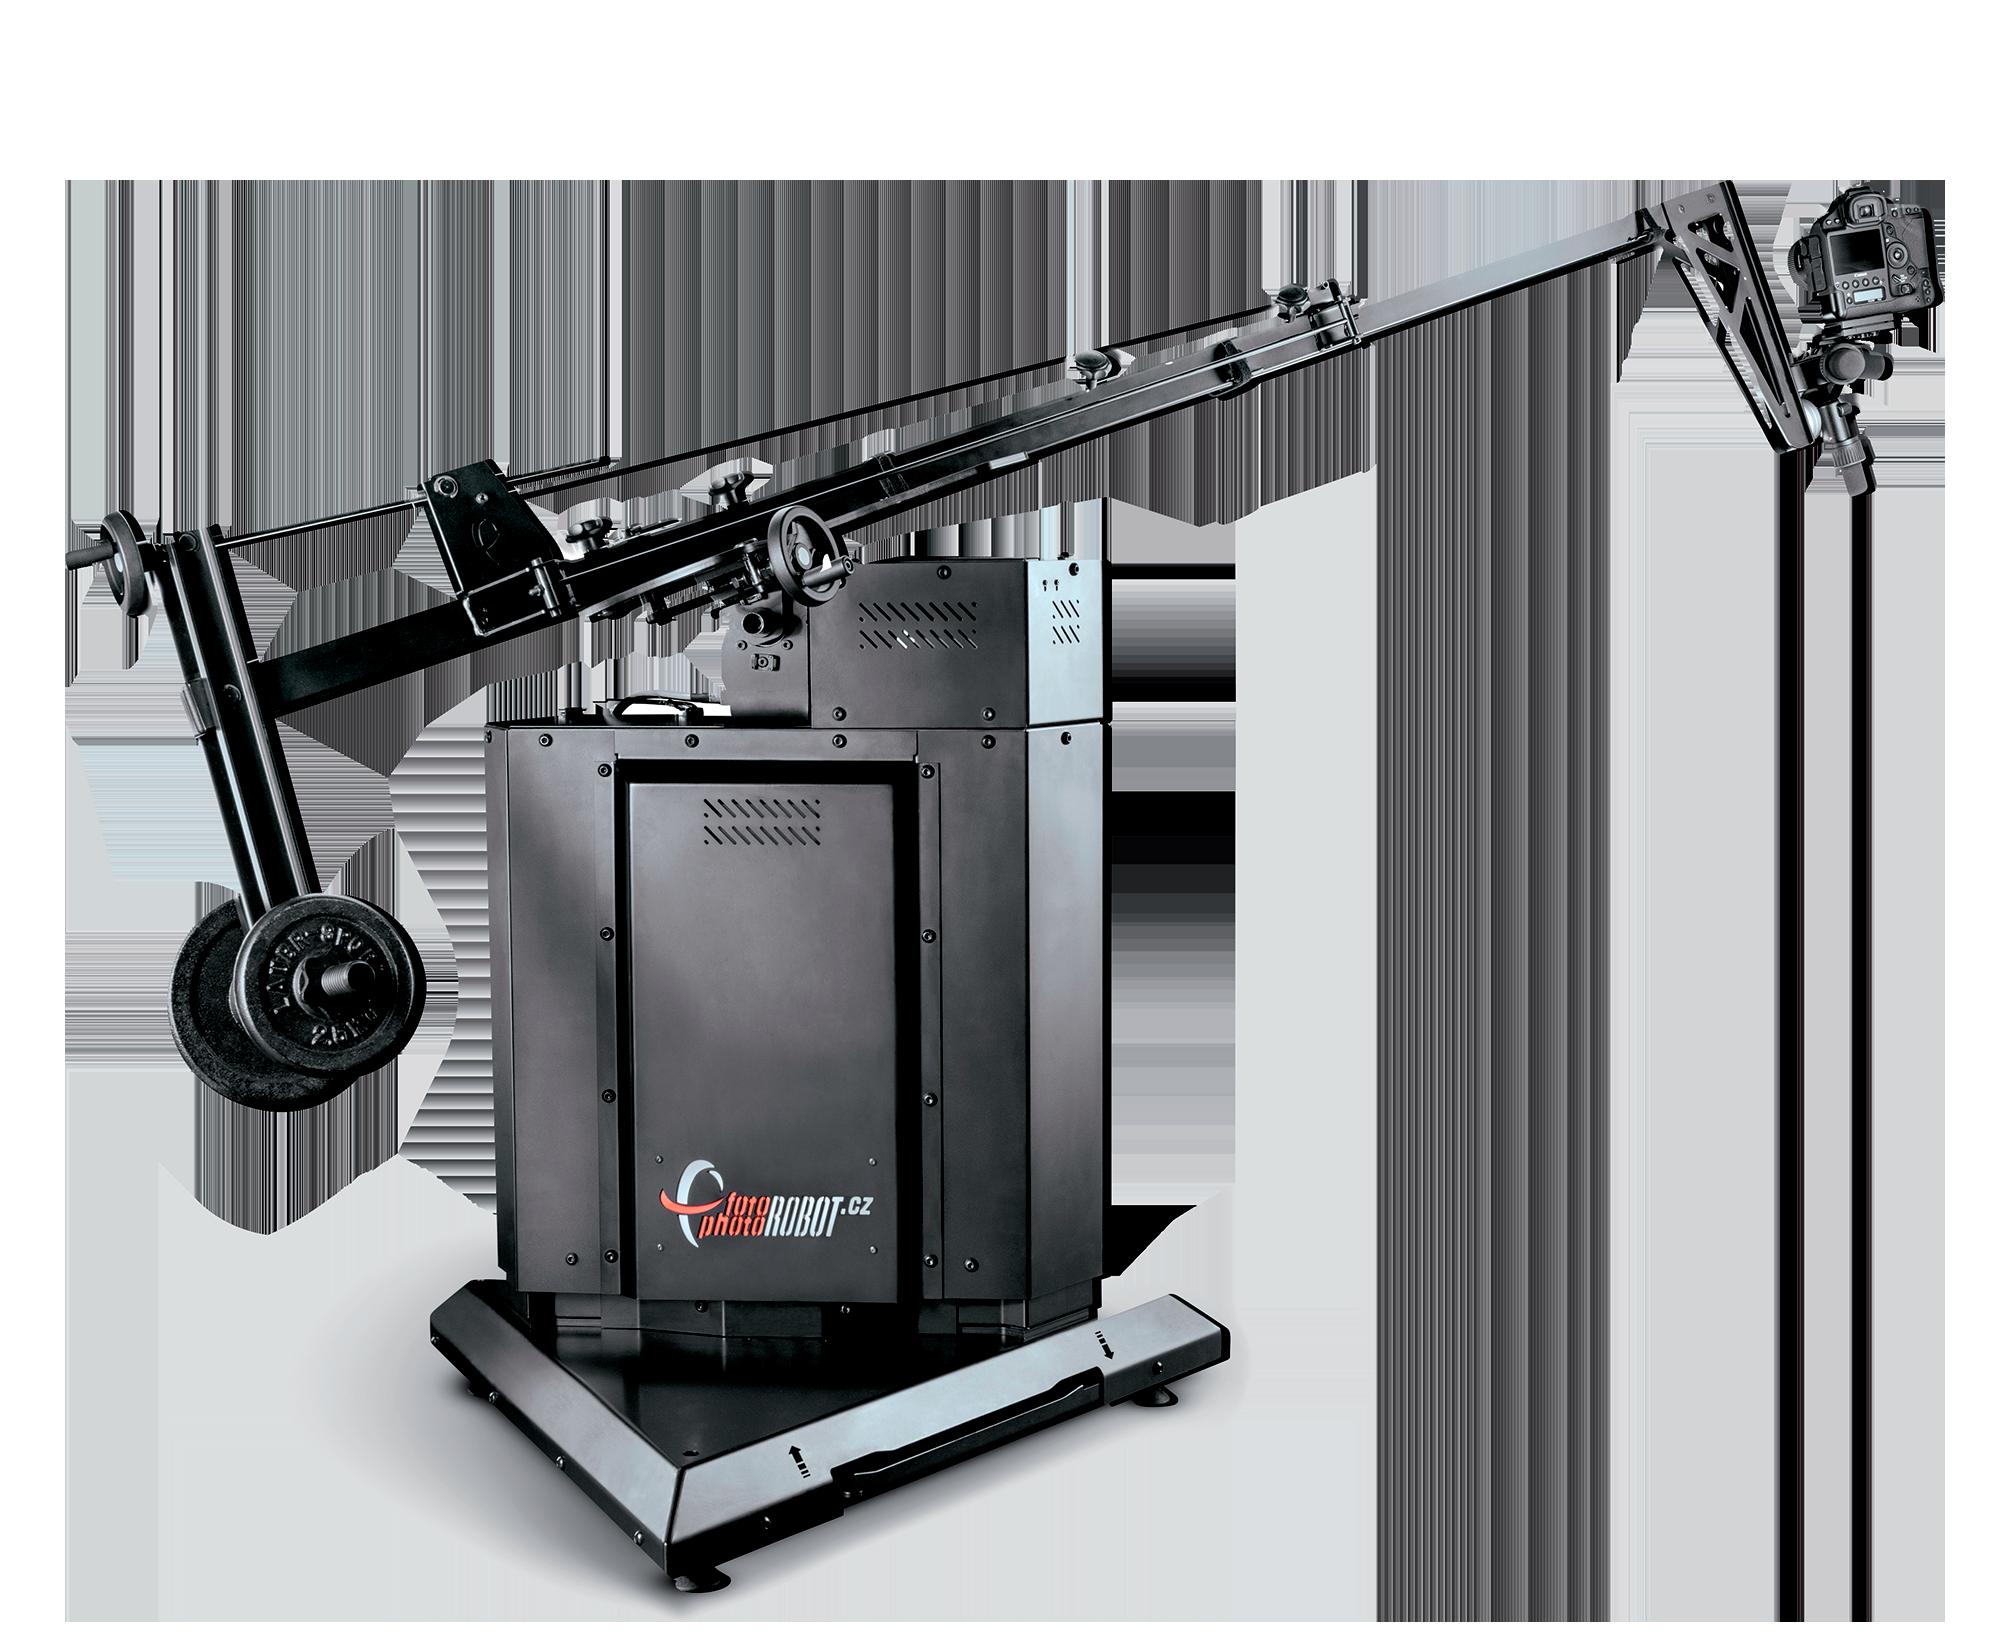 PhotoRobot ARM - ترايبود الكاميرا الروبوتية